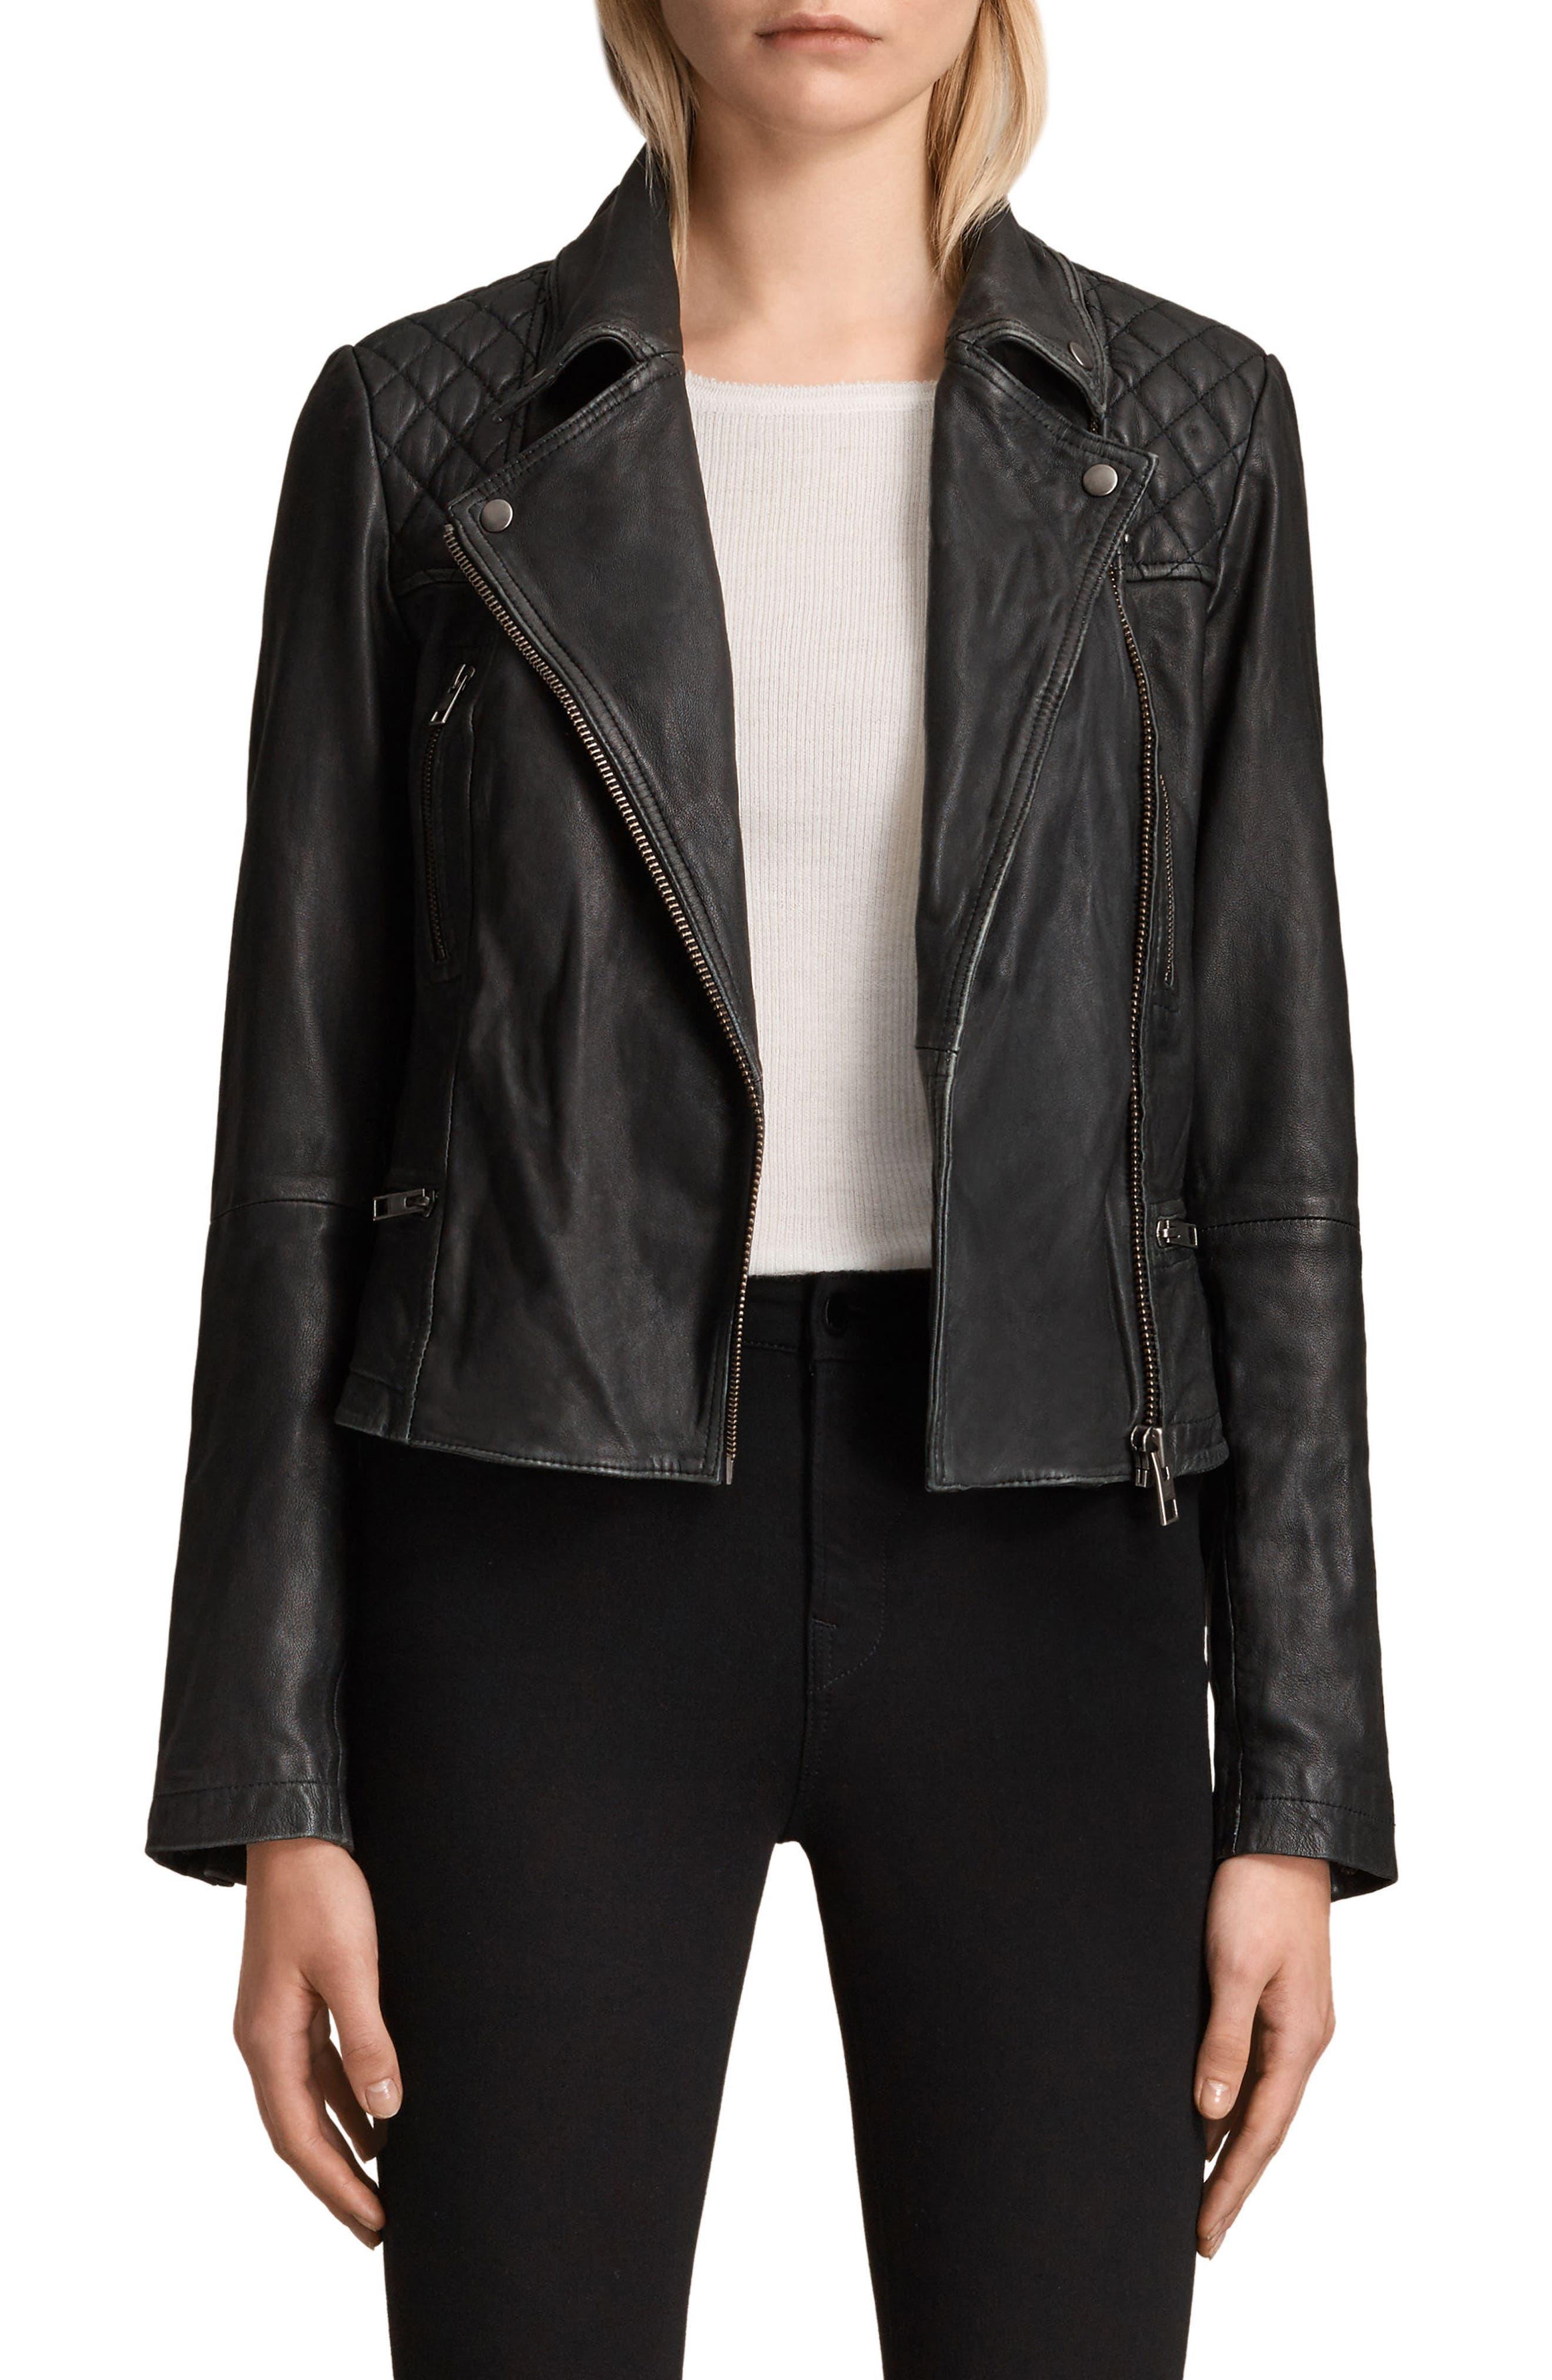 Cargo Leather Biker Jacket,                         Main,                         color, Black/ Grey